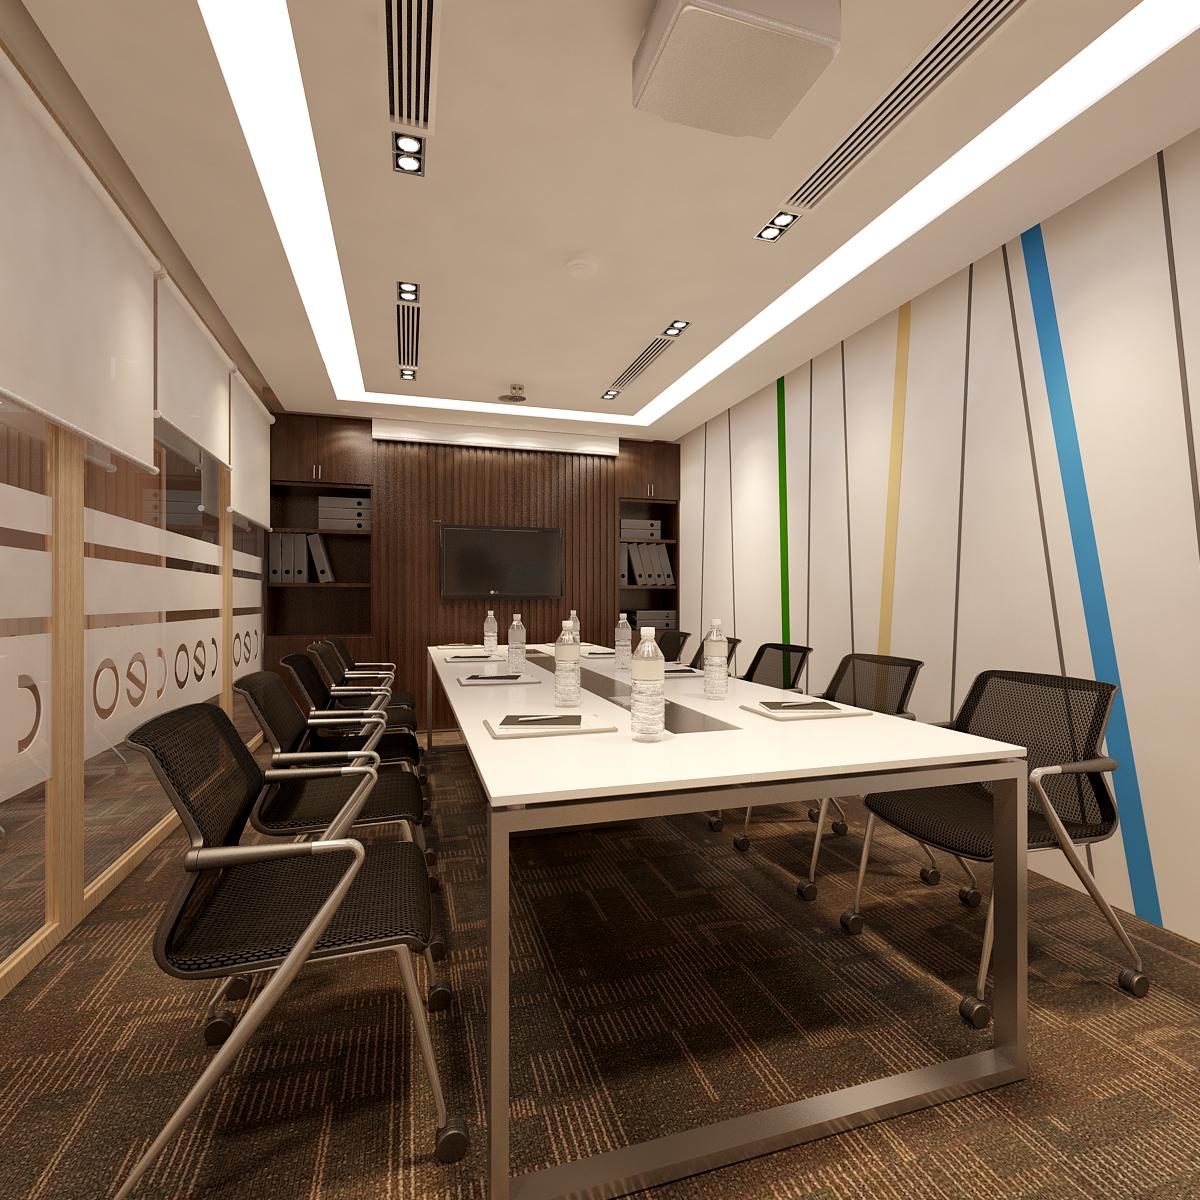 Thiết kế nội thất phòng họp cao cấp không thể thiếu những chi tiết sáng tạo